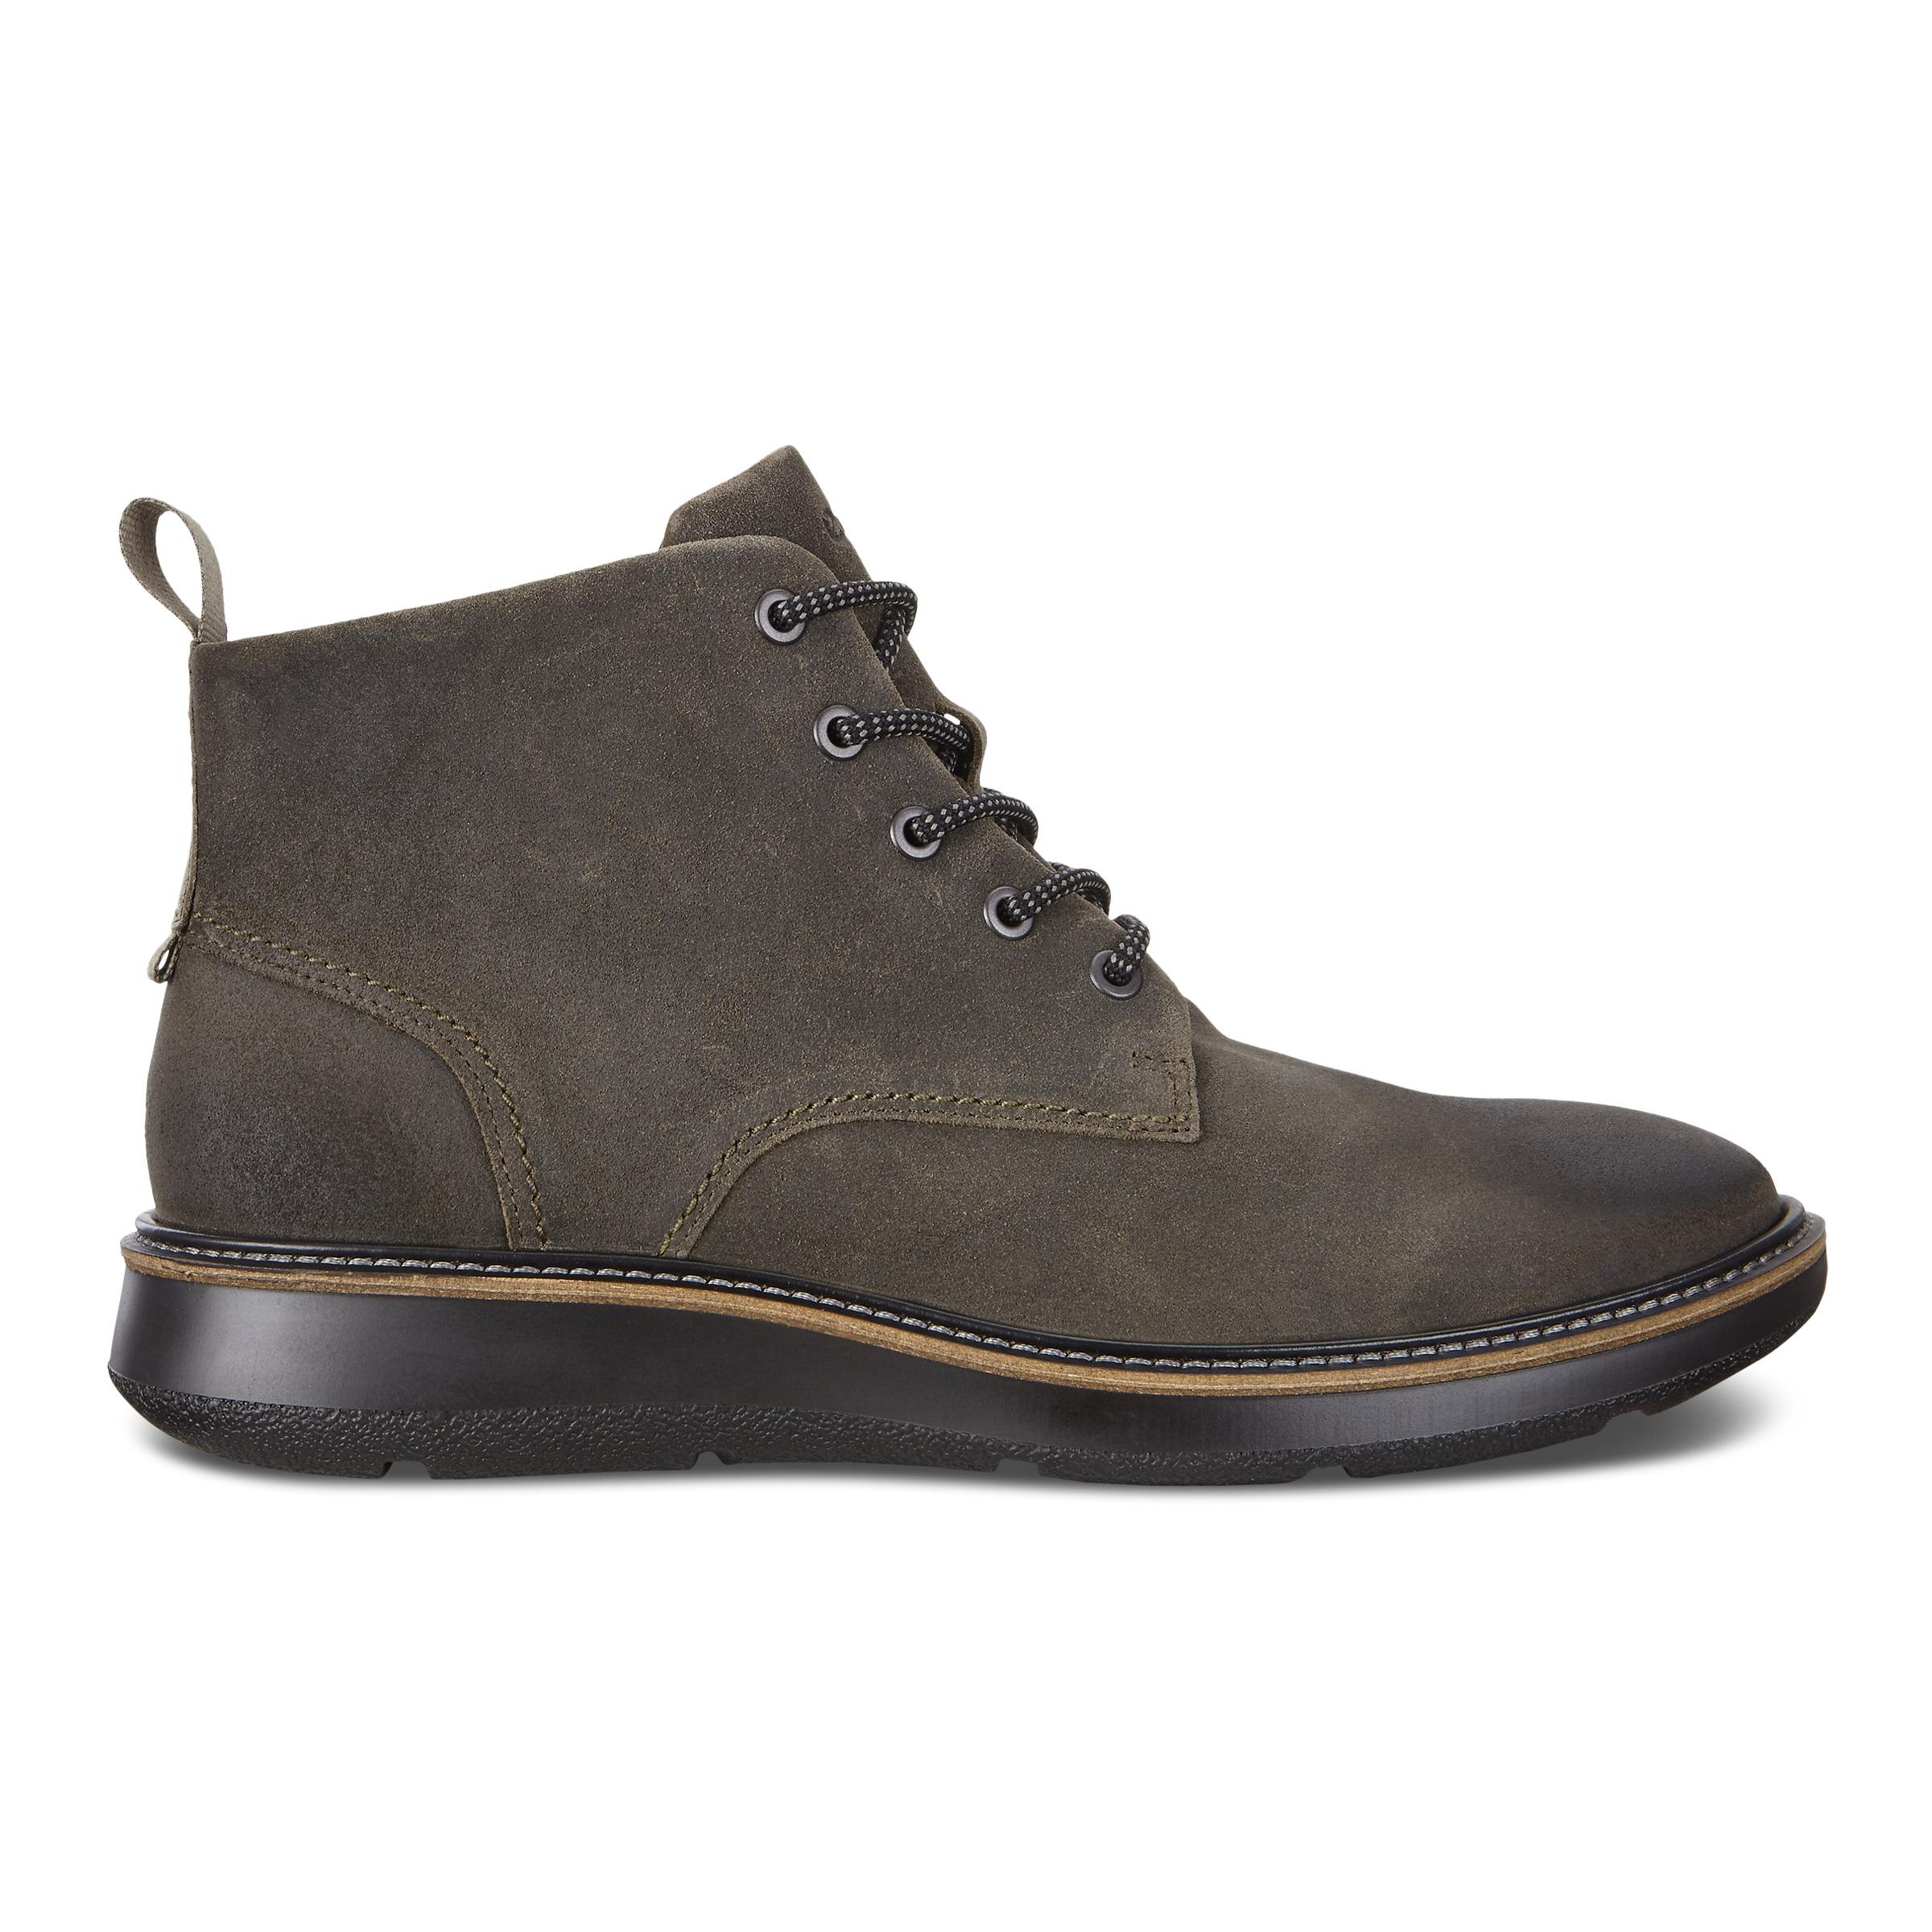 ECCO Aurora Mid Boot Size 10-10.5 Tarmac